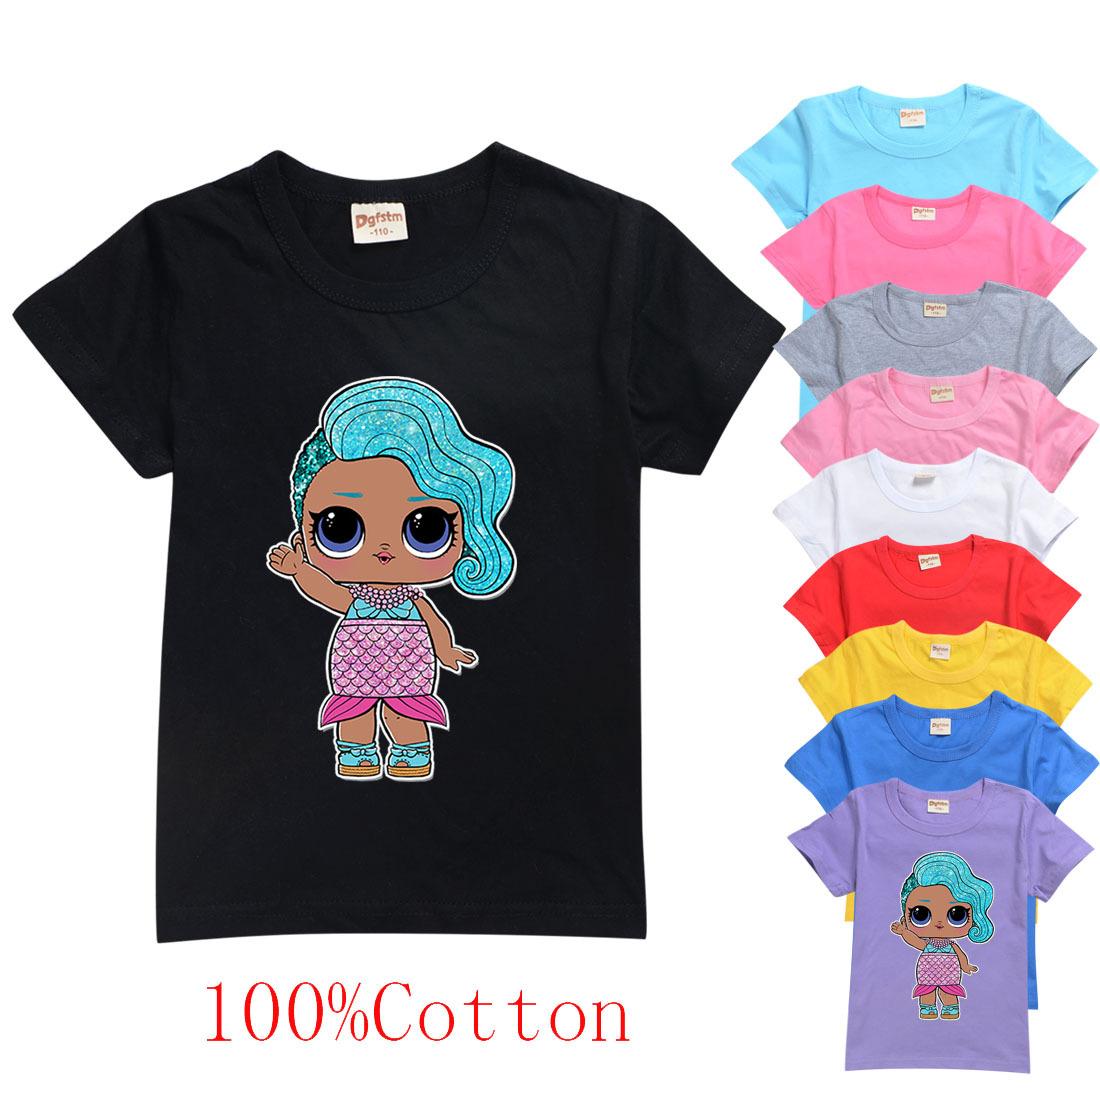 驚喜娃娃 NaNaNa Surprise 男孩女孩短袖T恤女童裝純棉印花短袖T恤6395 兒童上衣夏季休閑時尚圓領上衣